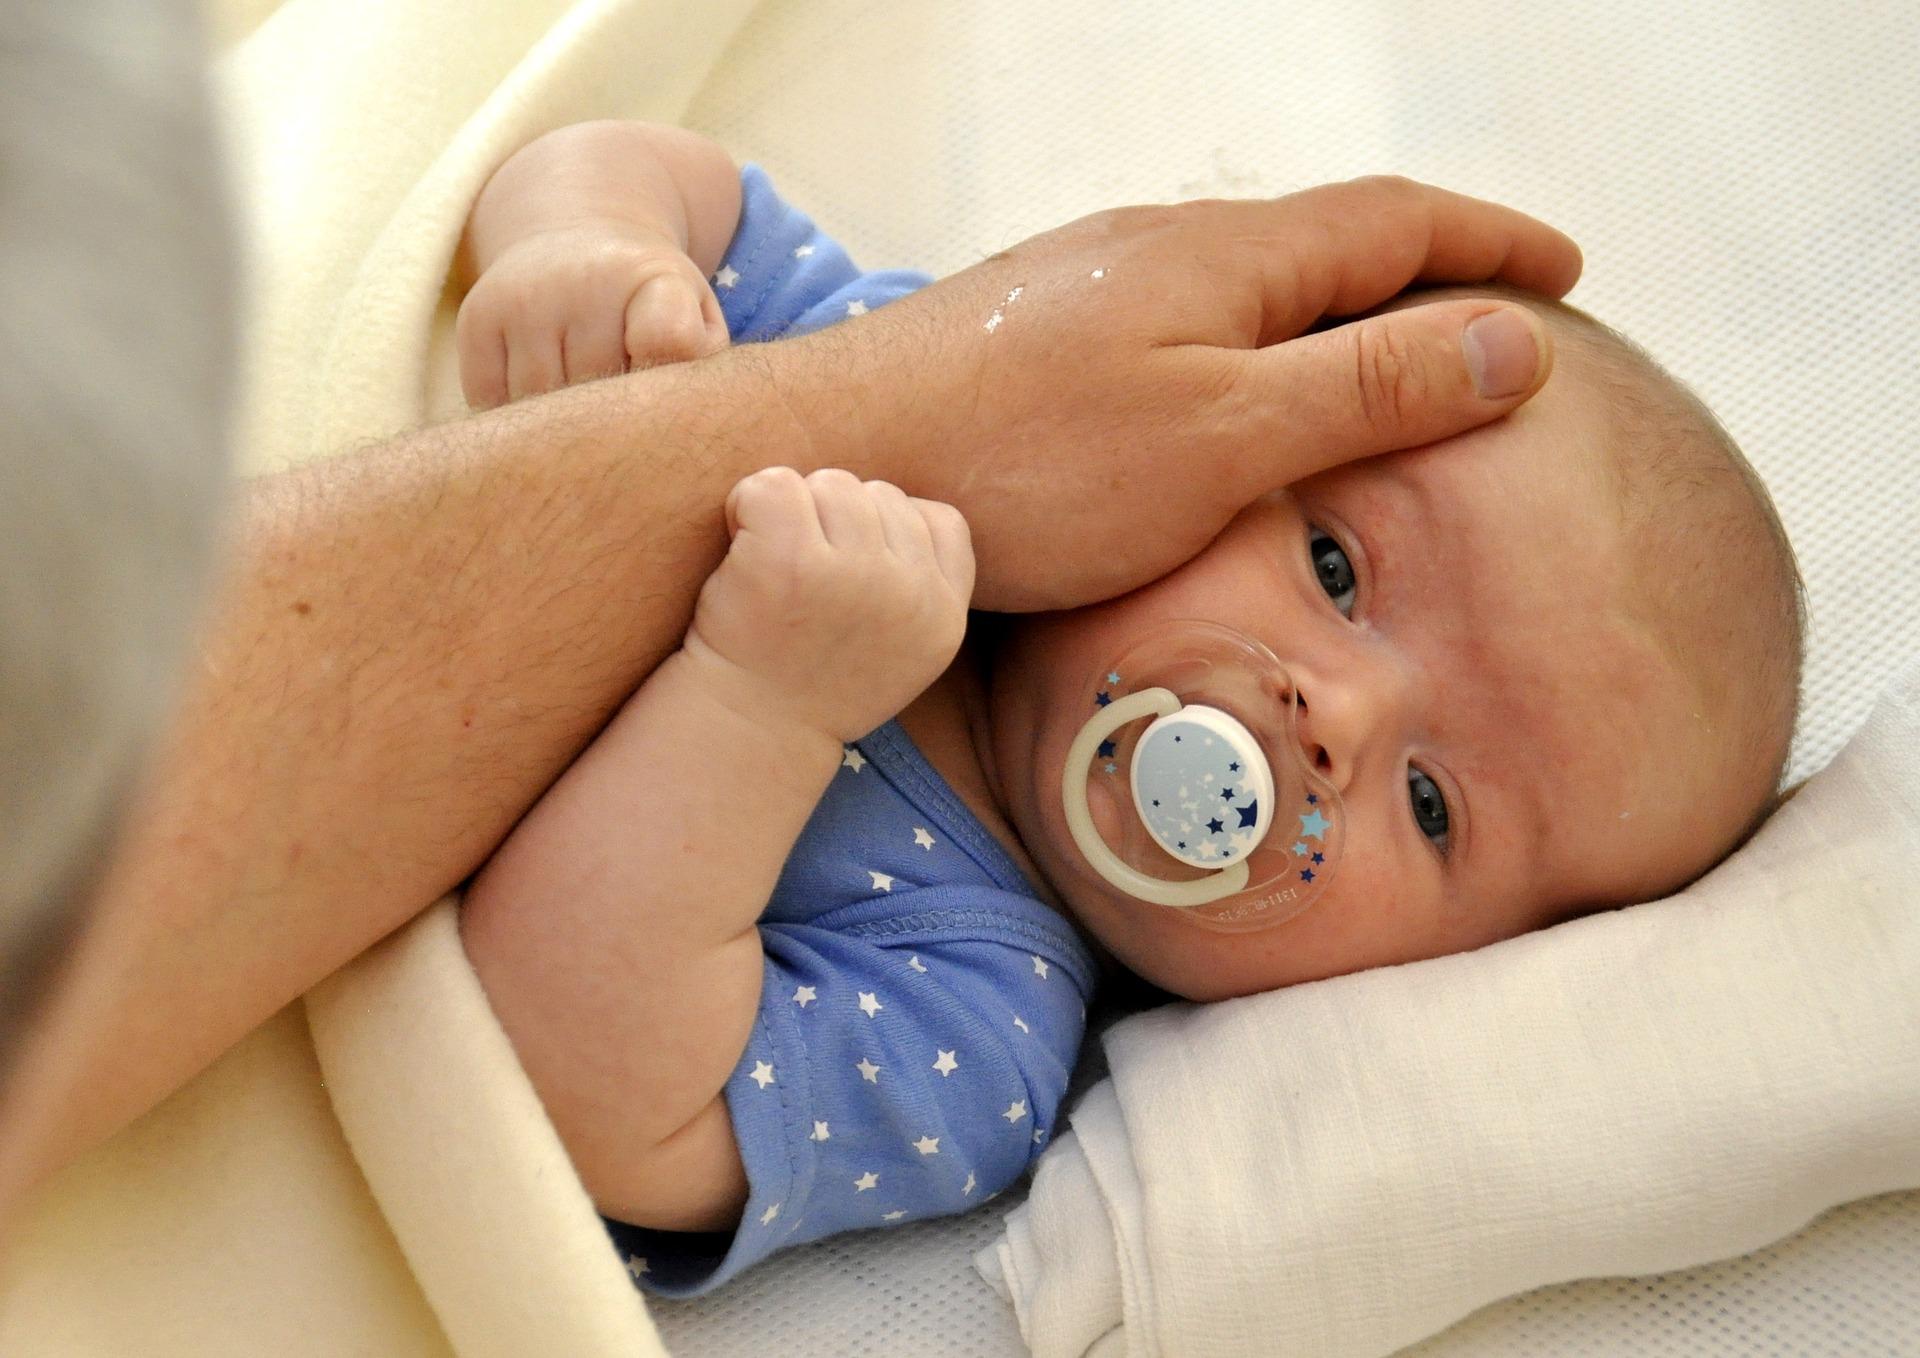 Mi lesz a baba neme?